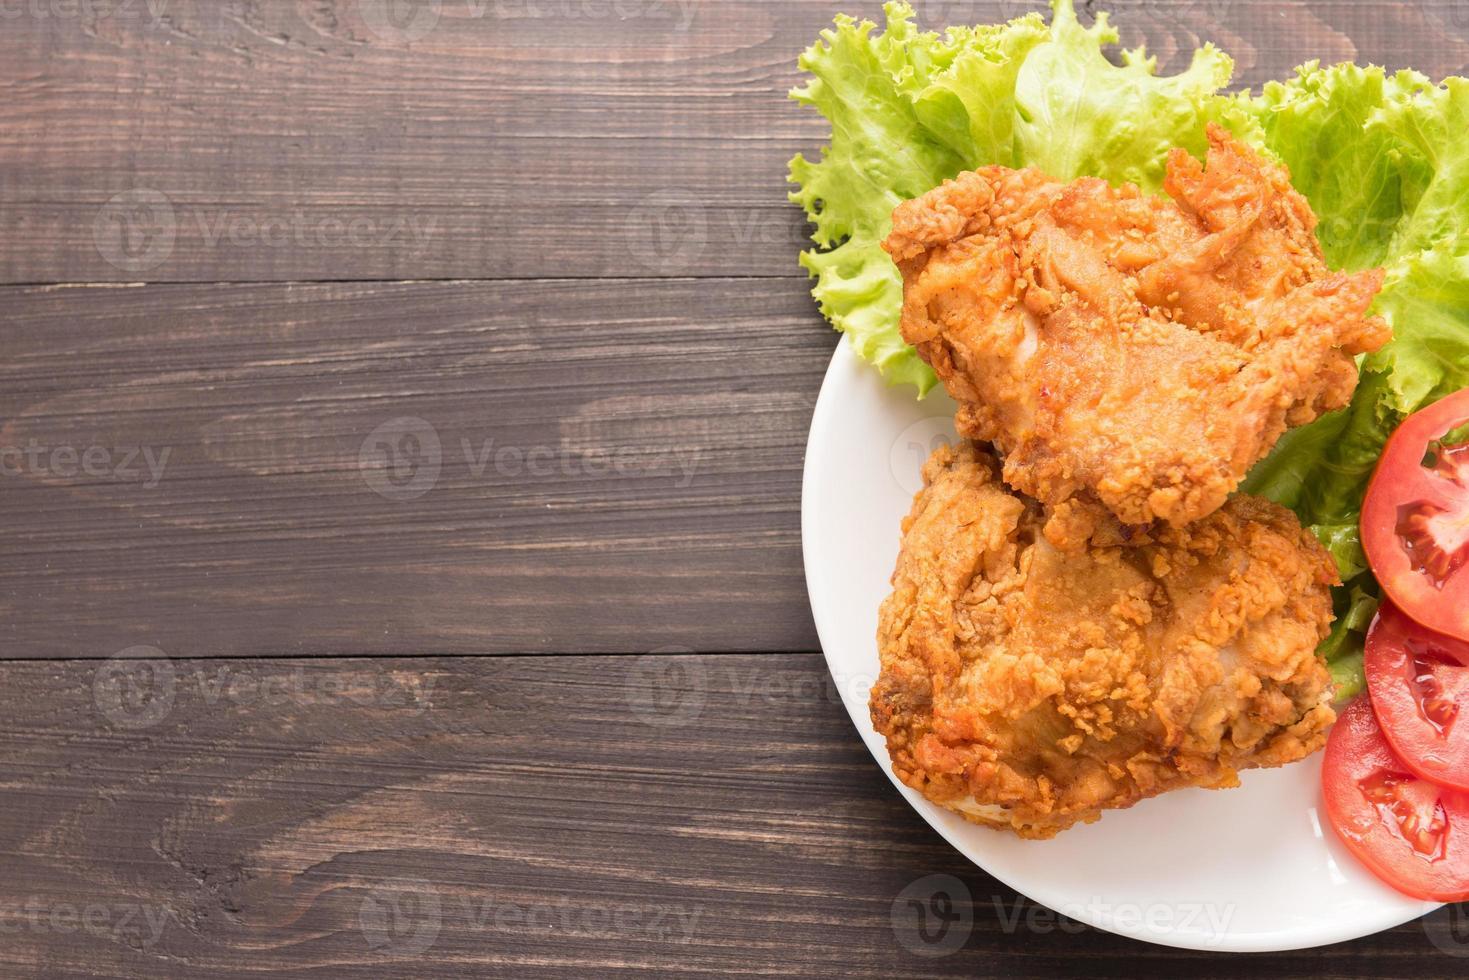 gebakken kippenborst op een houten achtergrond foto